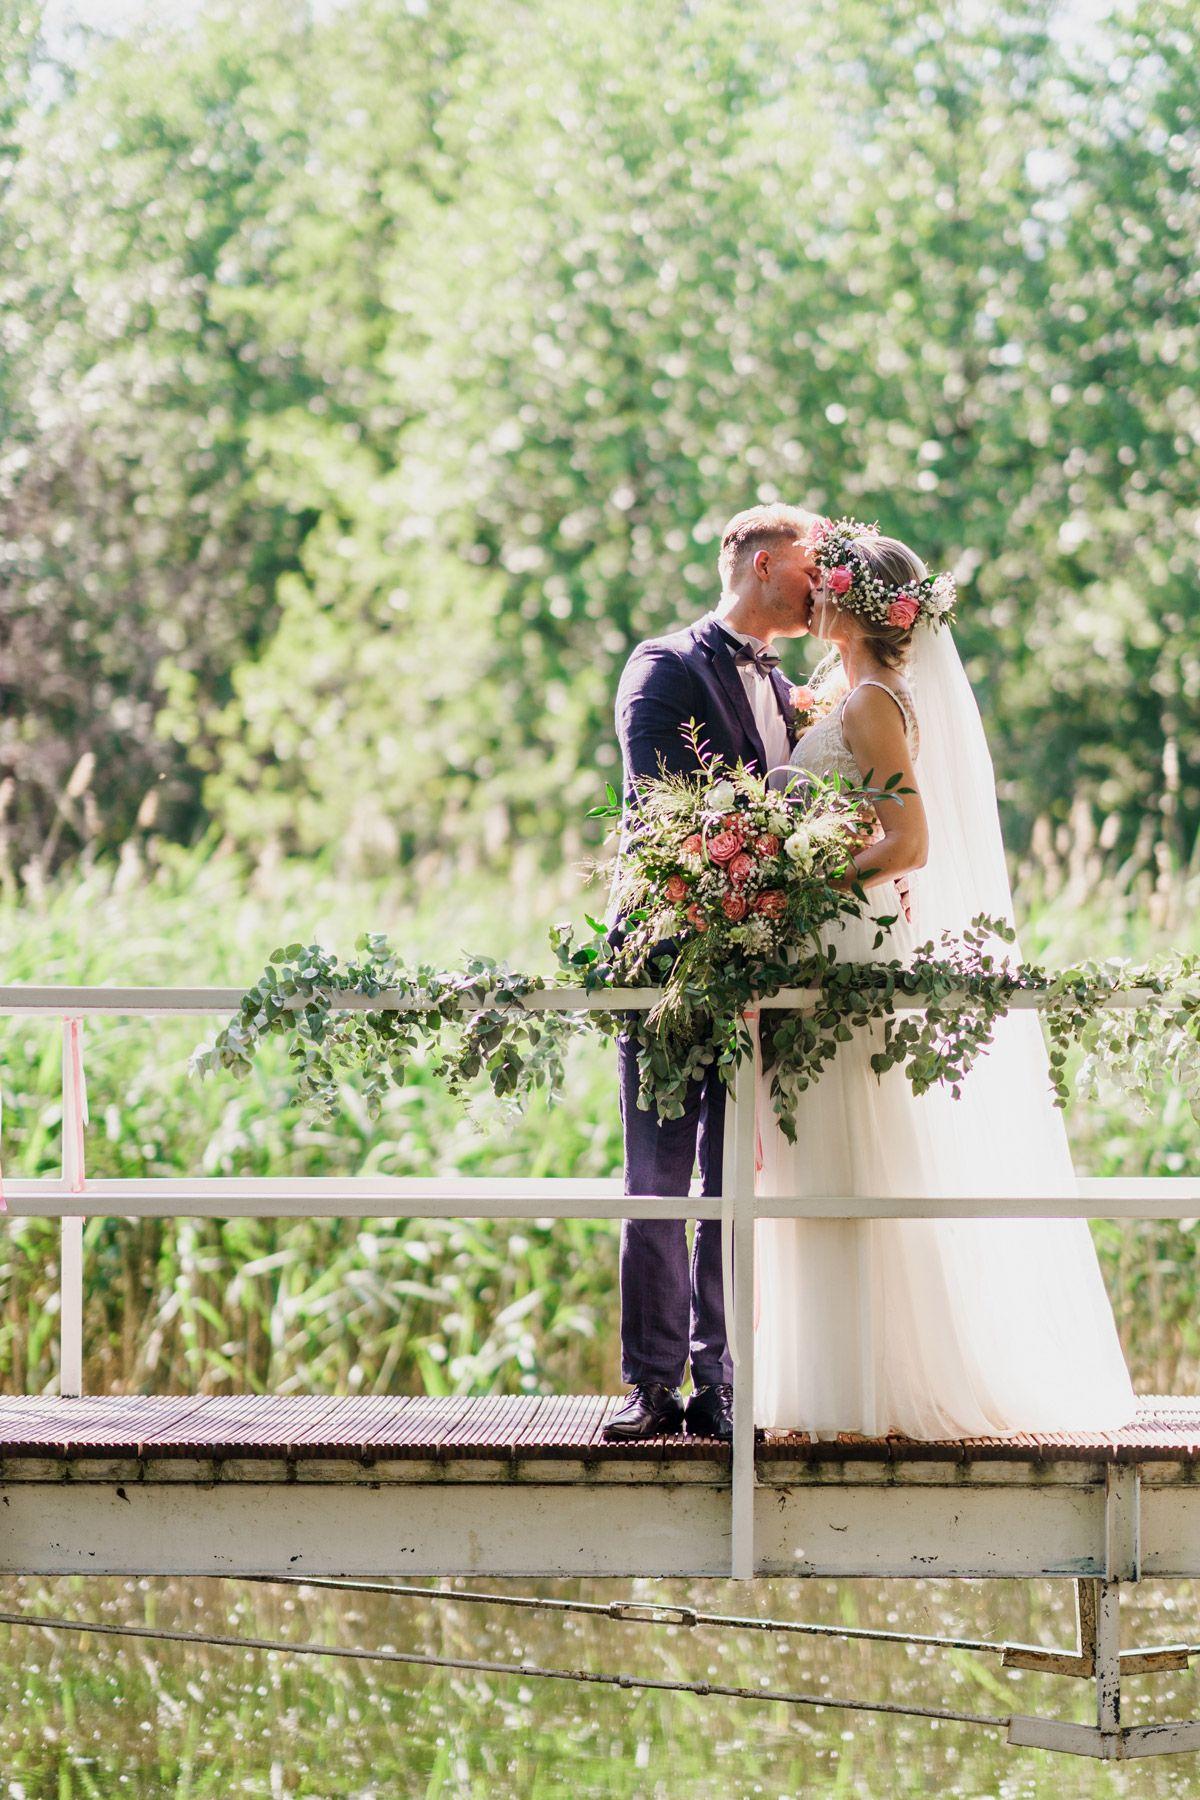 Standesamt Hochzeit Am Wasser In Brandenburg Hochzeitsfotograf Hochzeit Am Wasser Standesamtliche Hochzeit Hochzeitsfotograf